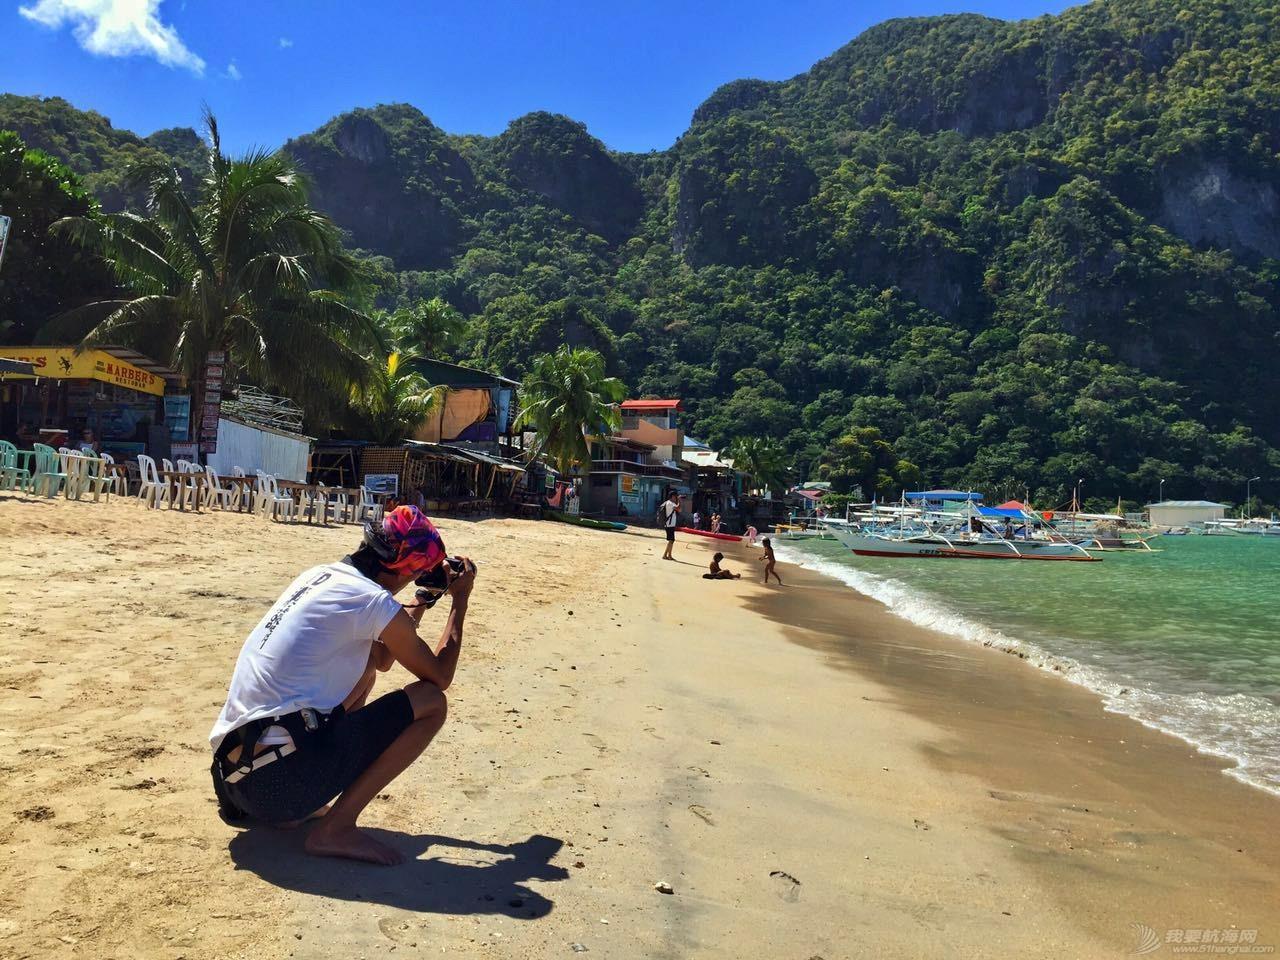 菲律宾,东南亚,照片,左右 3000海里远航东南亚//第二站【菲律宾-东马】 f3971714980c48caf60522c83e00e9f9.jpg